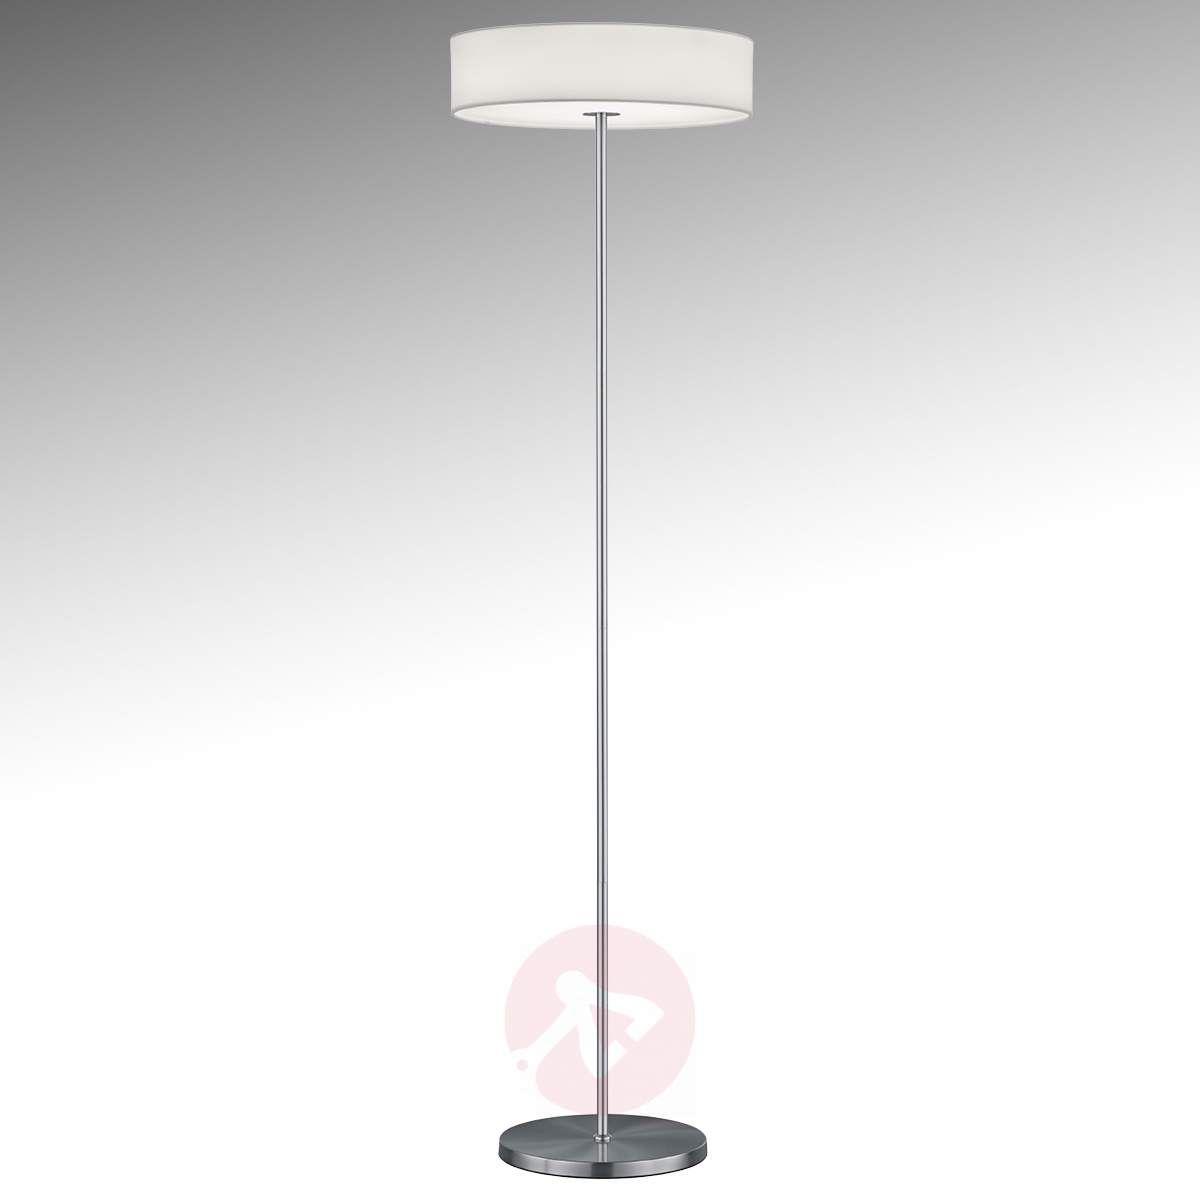 Eglo Lampy Producent Lampa Biała Stojąca Tanie